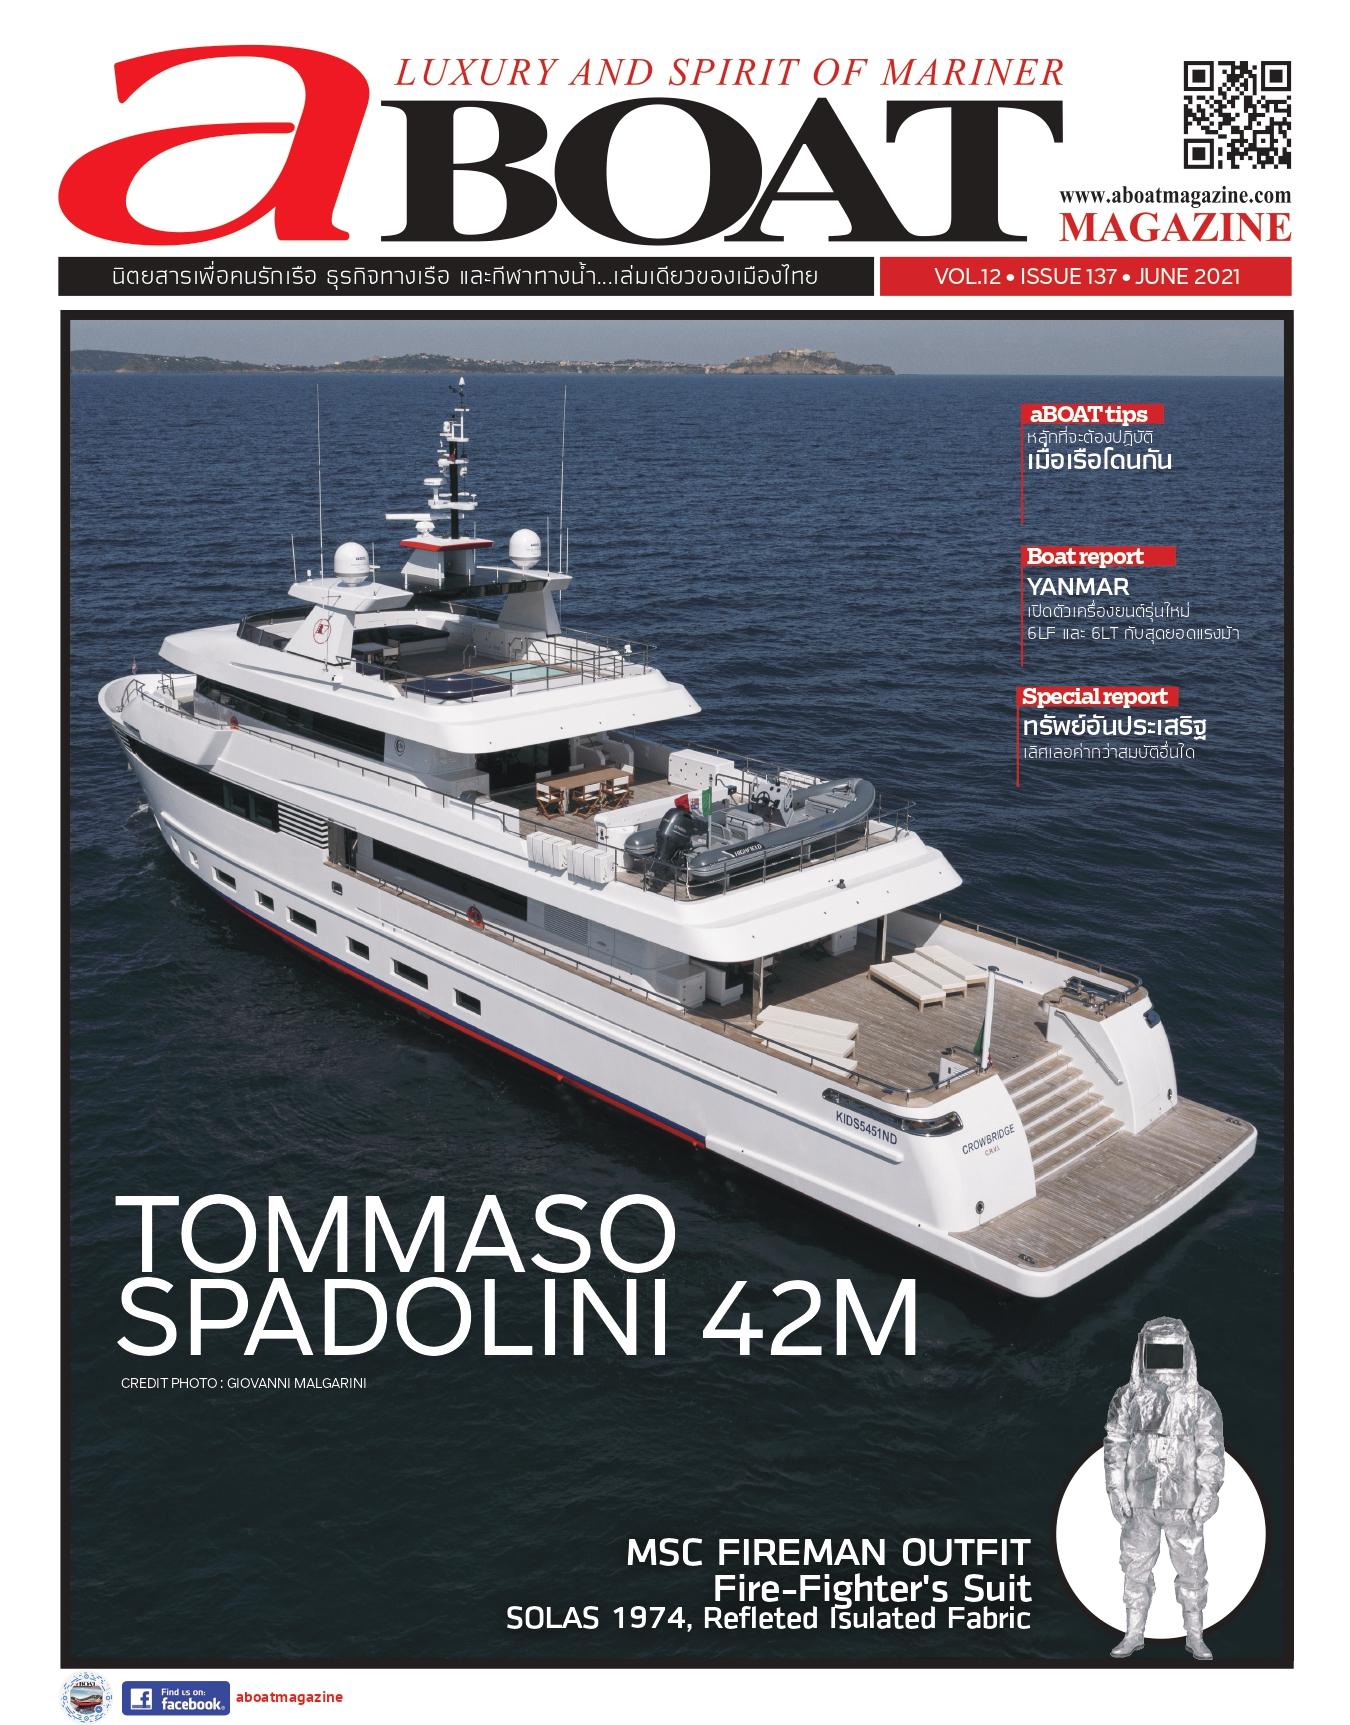 aBOAT Magazine 137